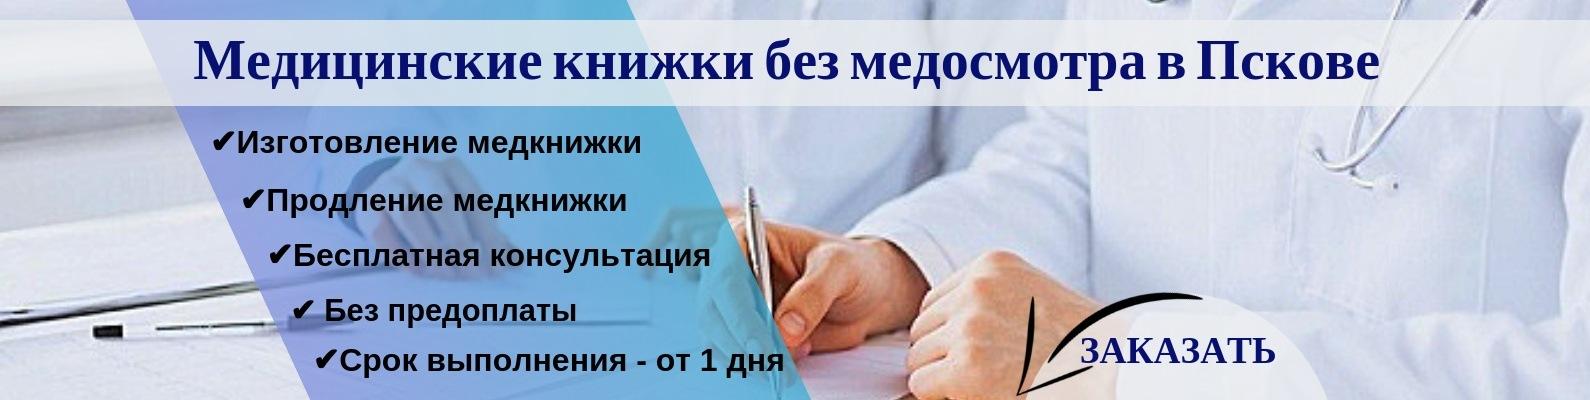 Где купить медицинскую книжку псков временная регистрация москва свао